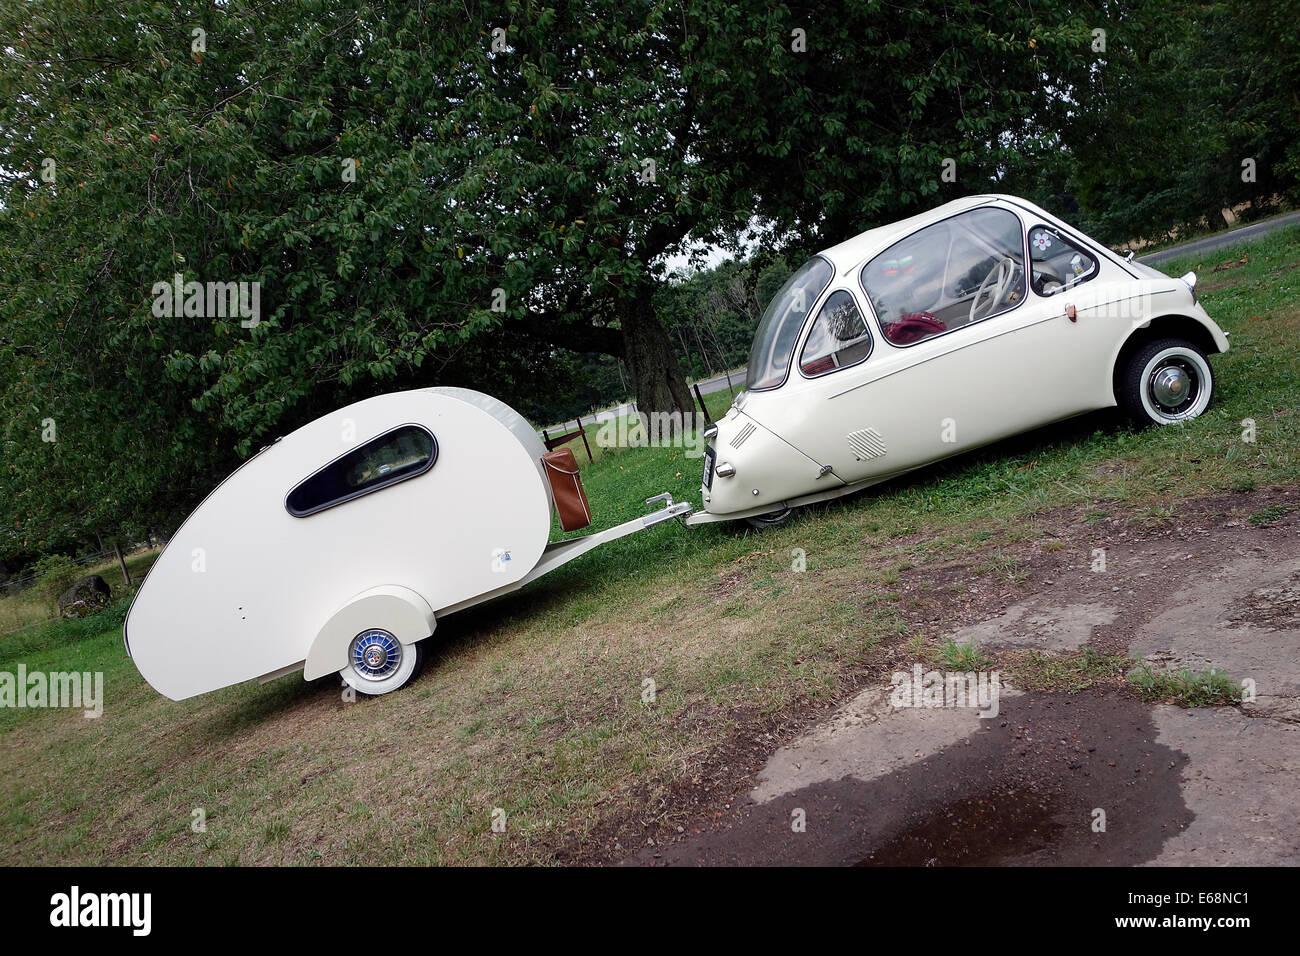 Heinkel Kabine Microcar A Partir De 1956 Avec Remorque De Camping Fait Maison Photo Stock Alamy